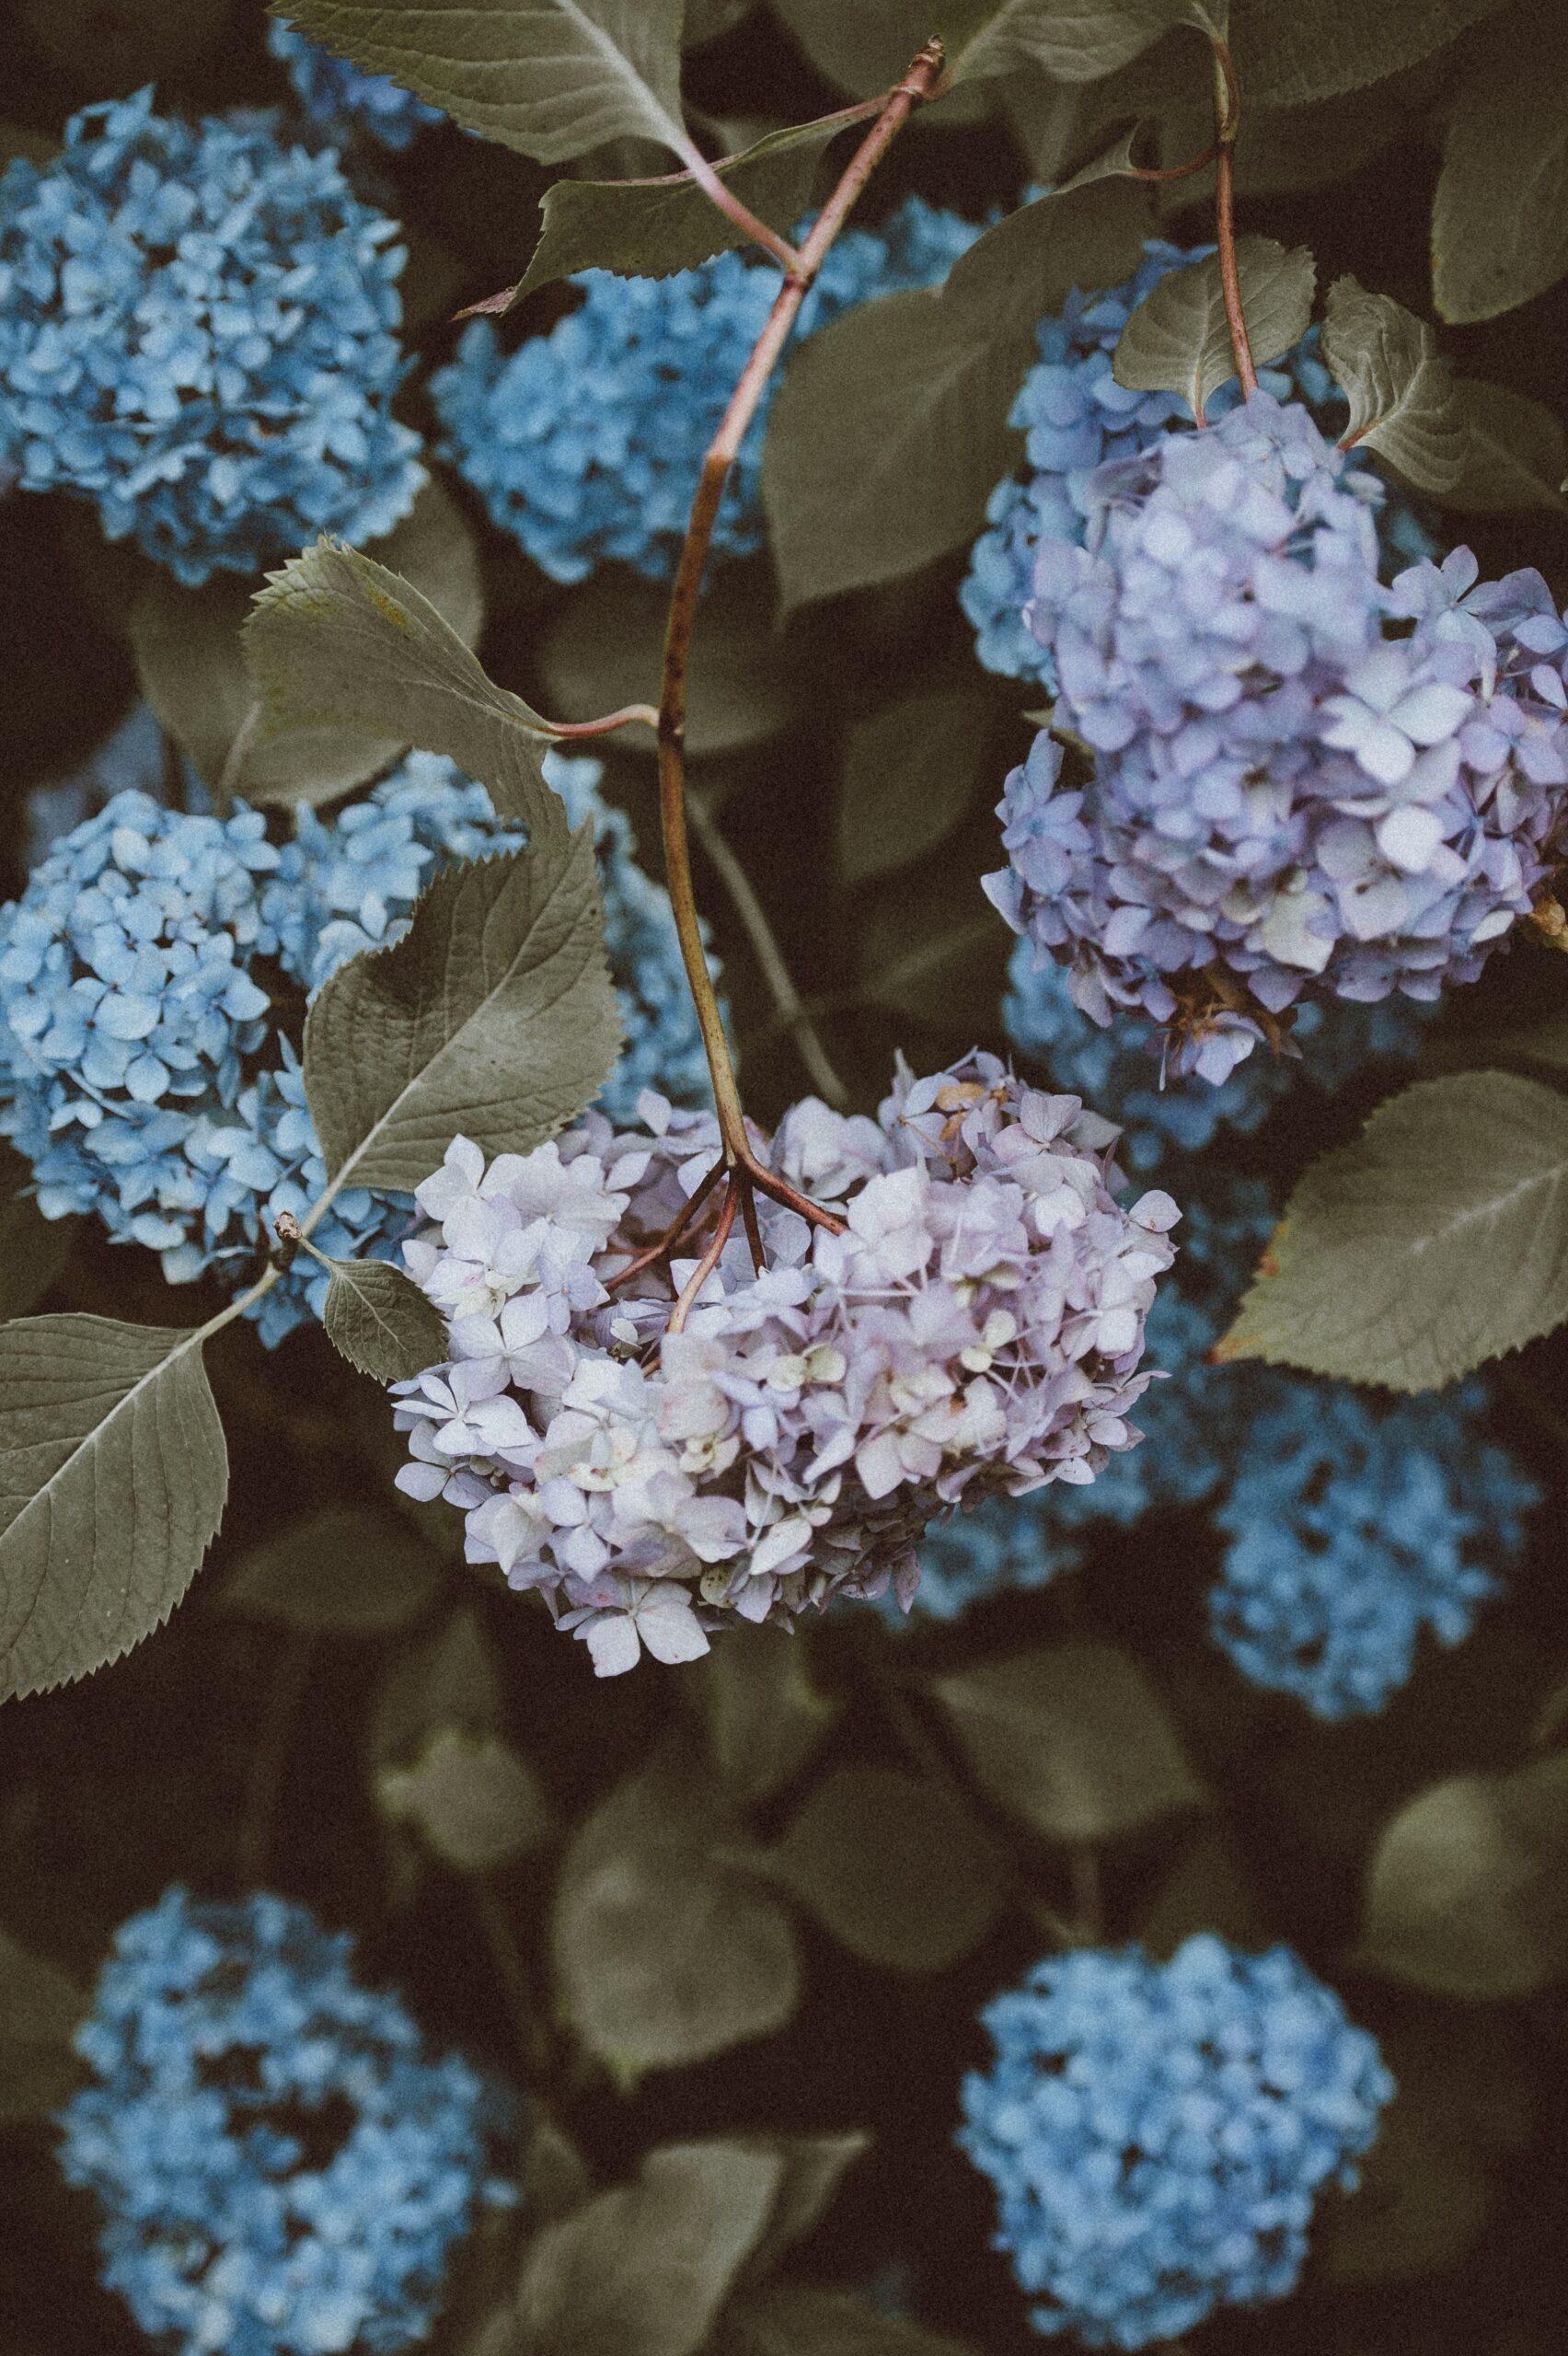 annie-spratt-Blue Hydrangea-unsplash